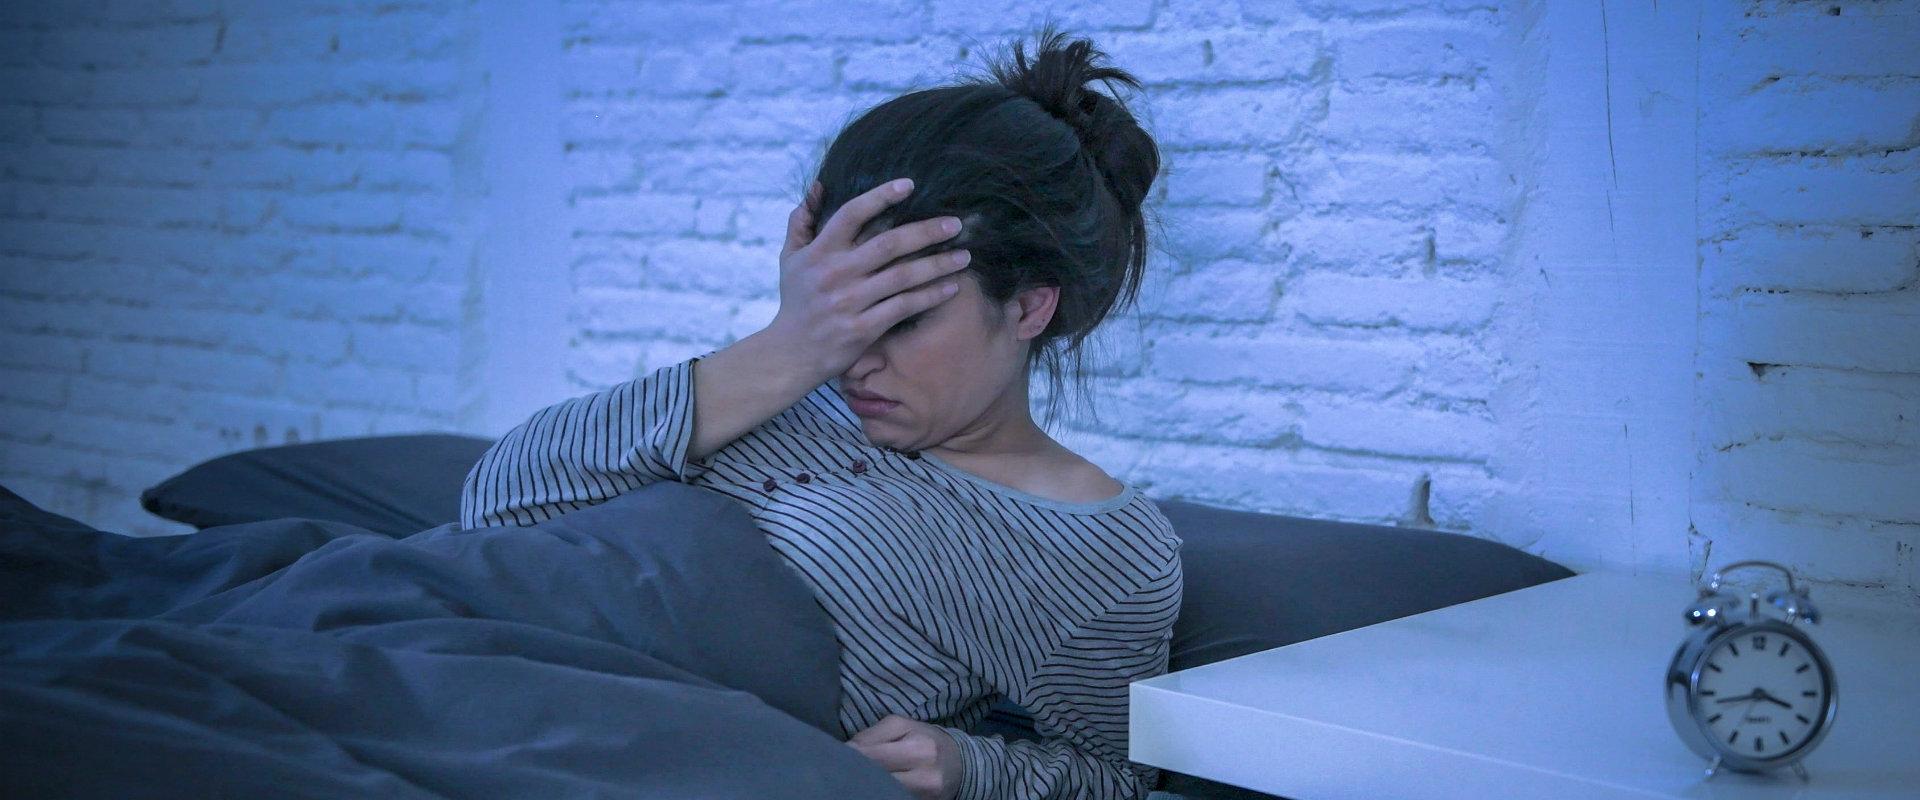 Mujer acostada en su cama sin poder dormir